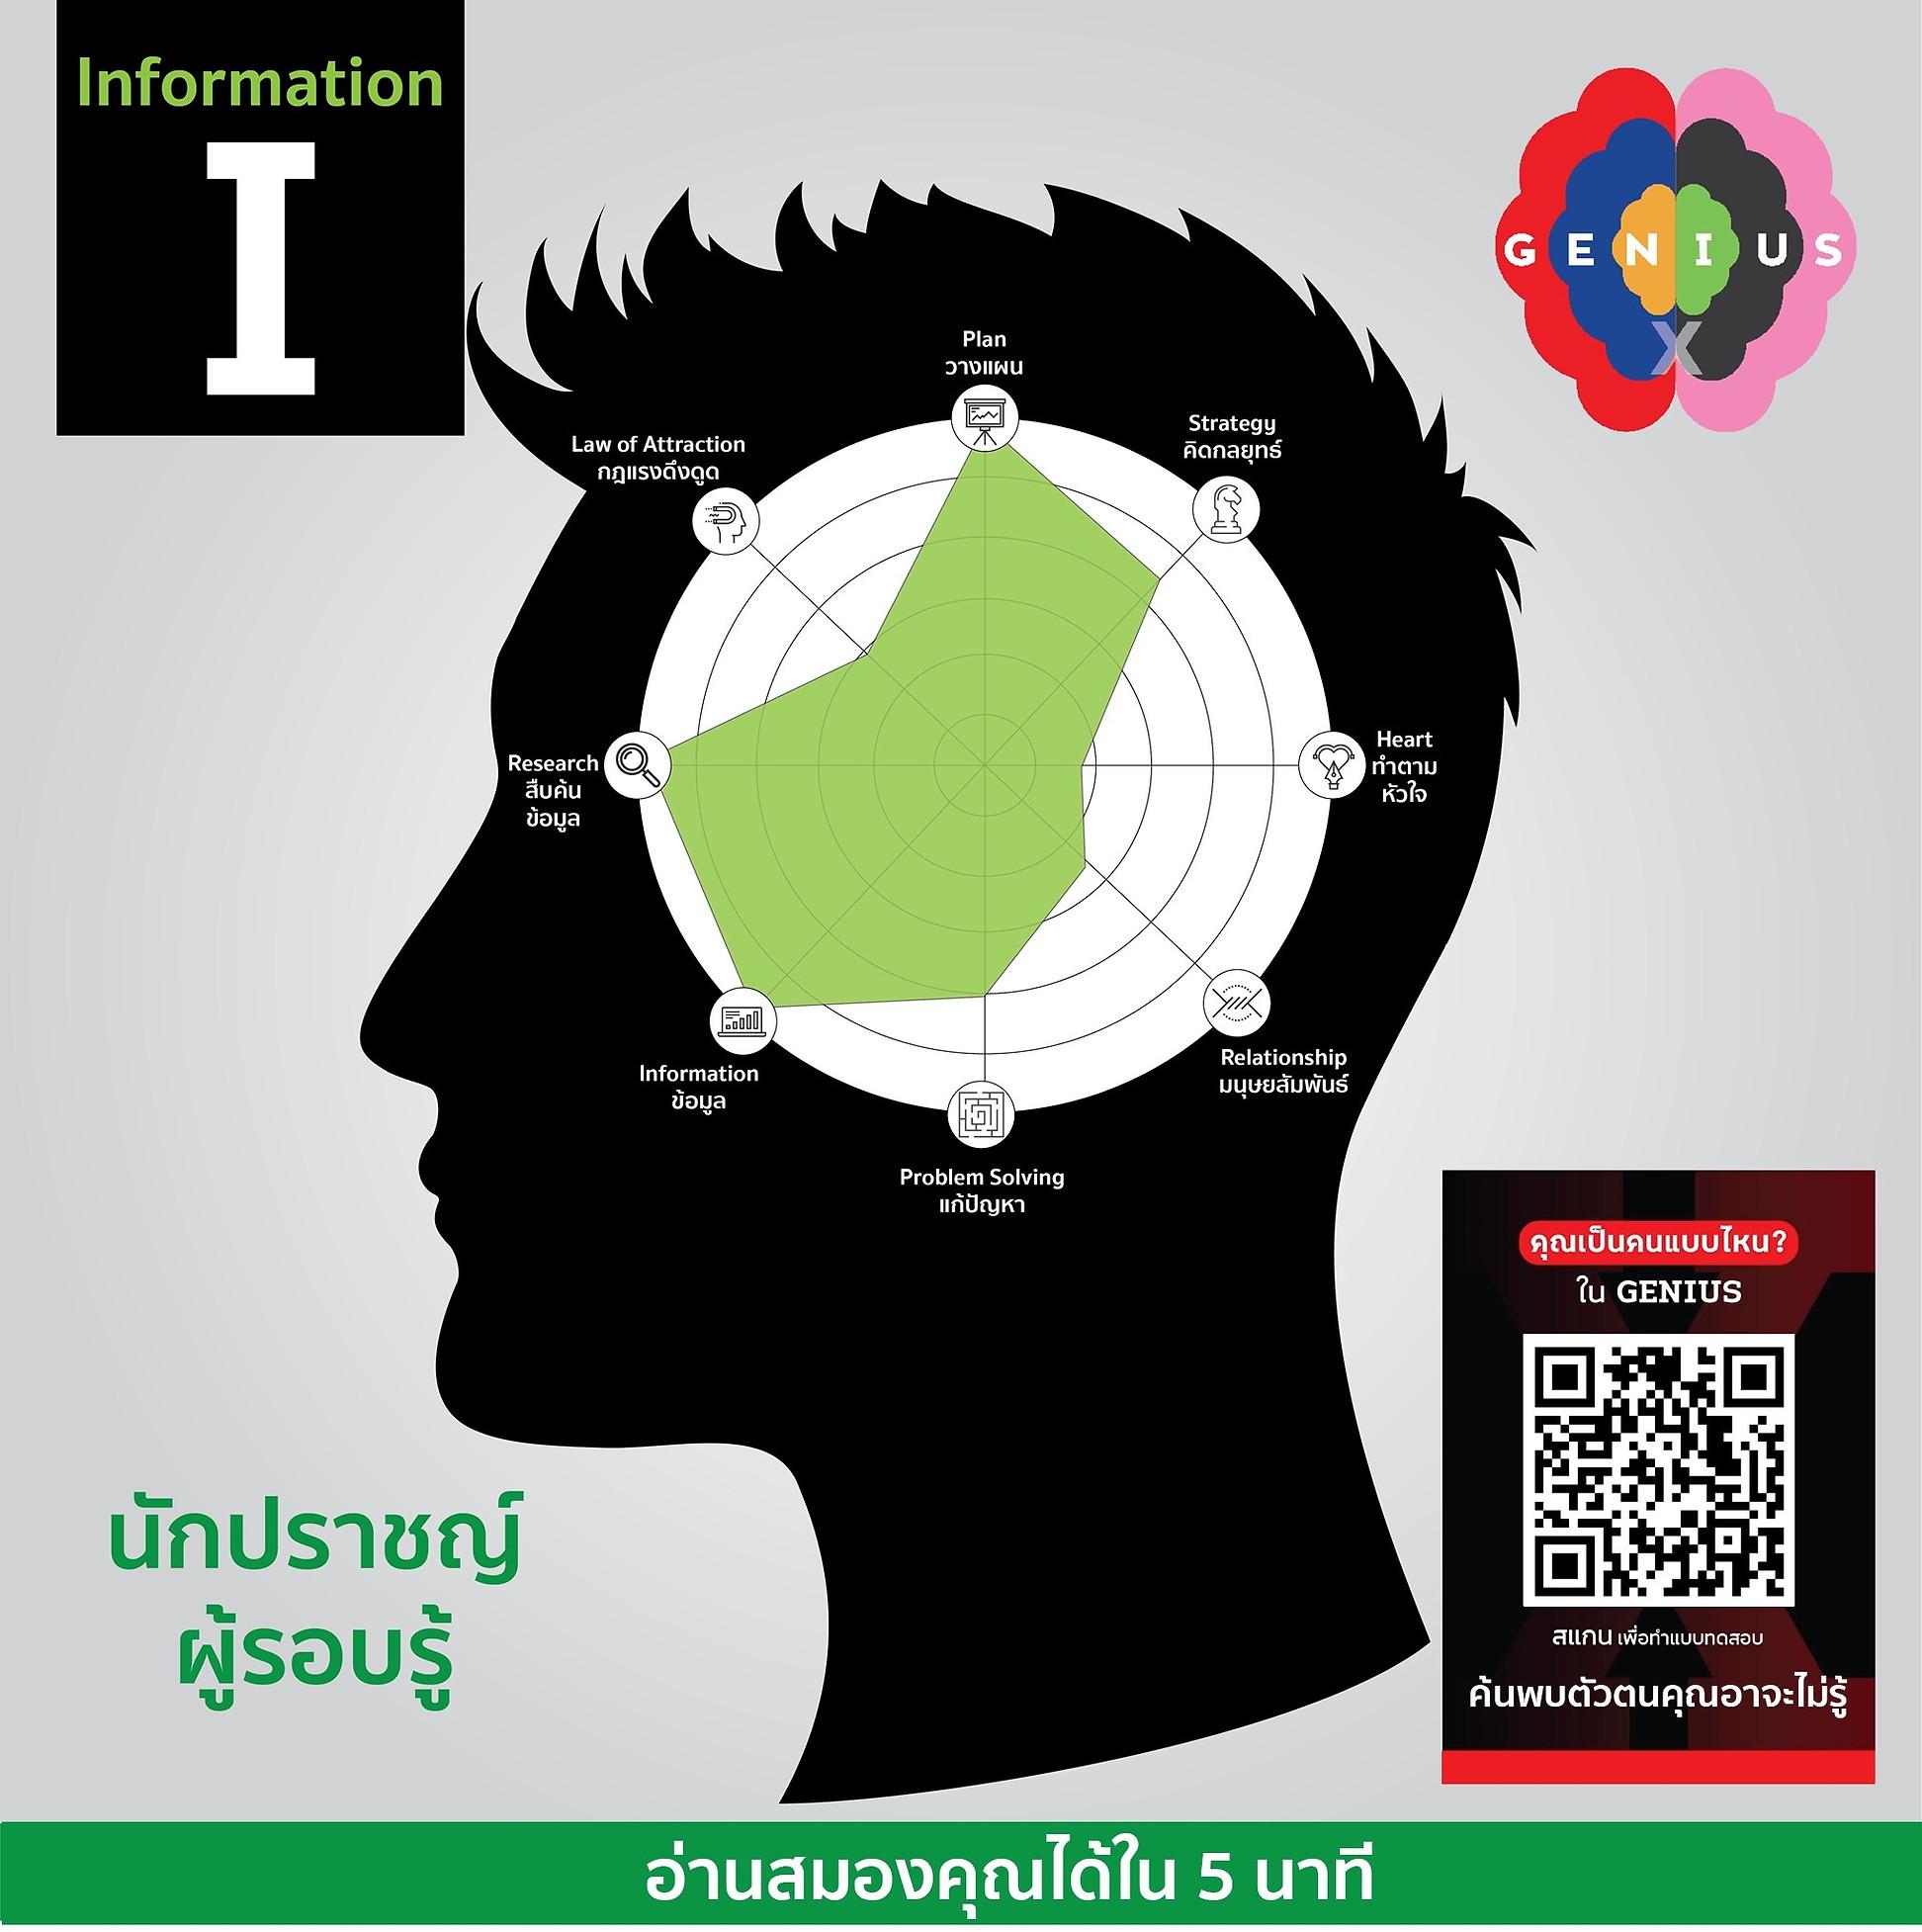 111 GX 004 Network.jpg